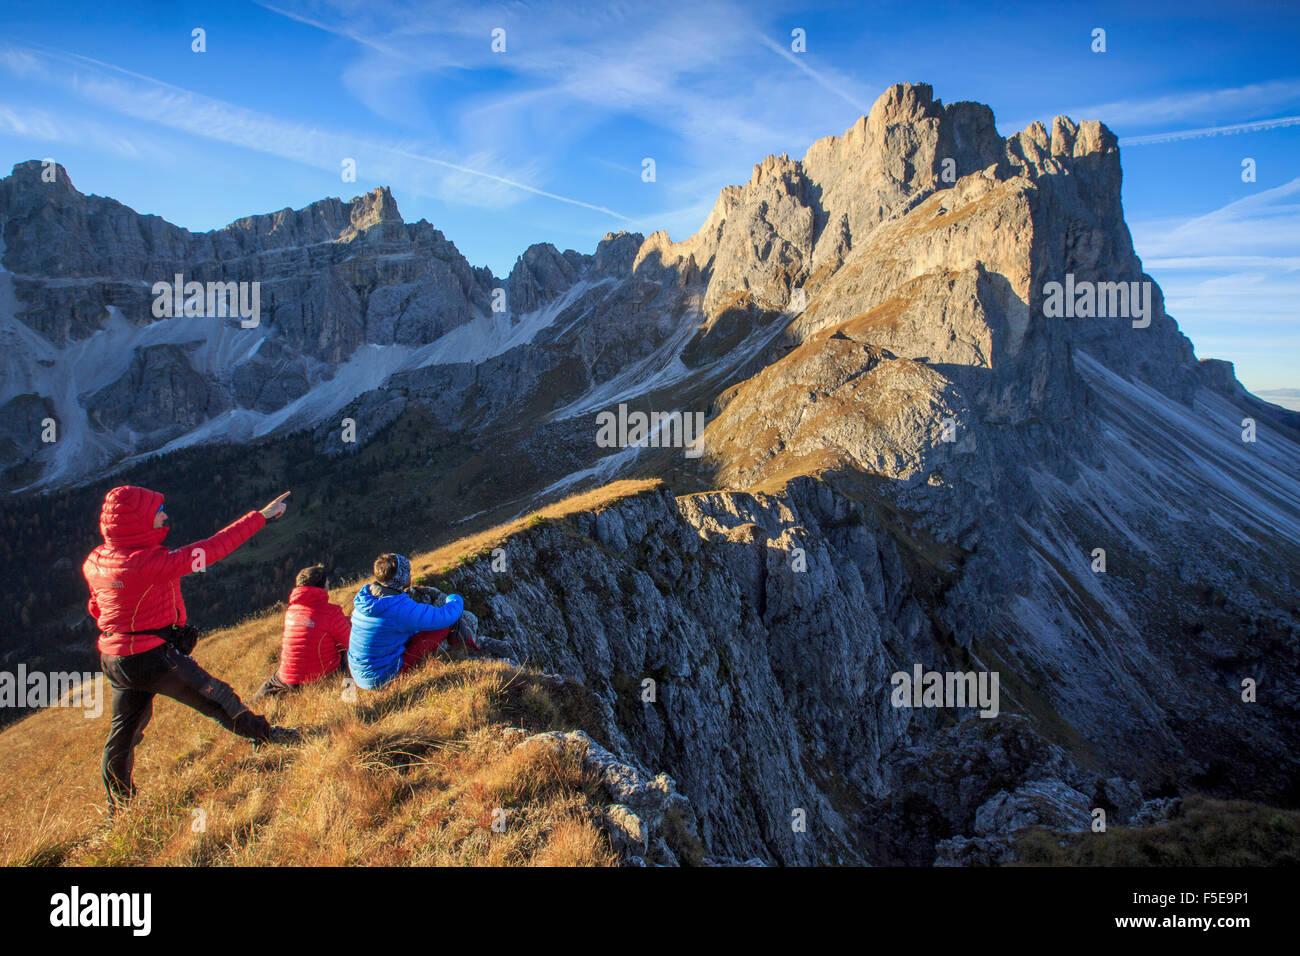 Les randonneurs admirer les pics rocheux Furcella de Francavilla, Odle, Funes, vallée du Tyrol du Sud, Dolomites, Banque D'Images